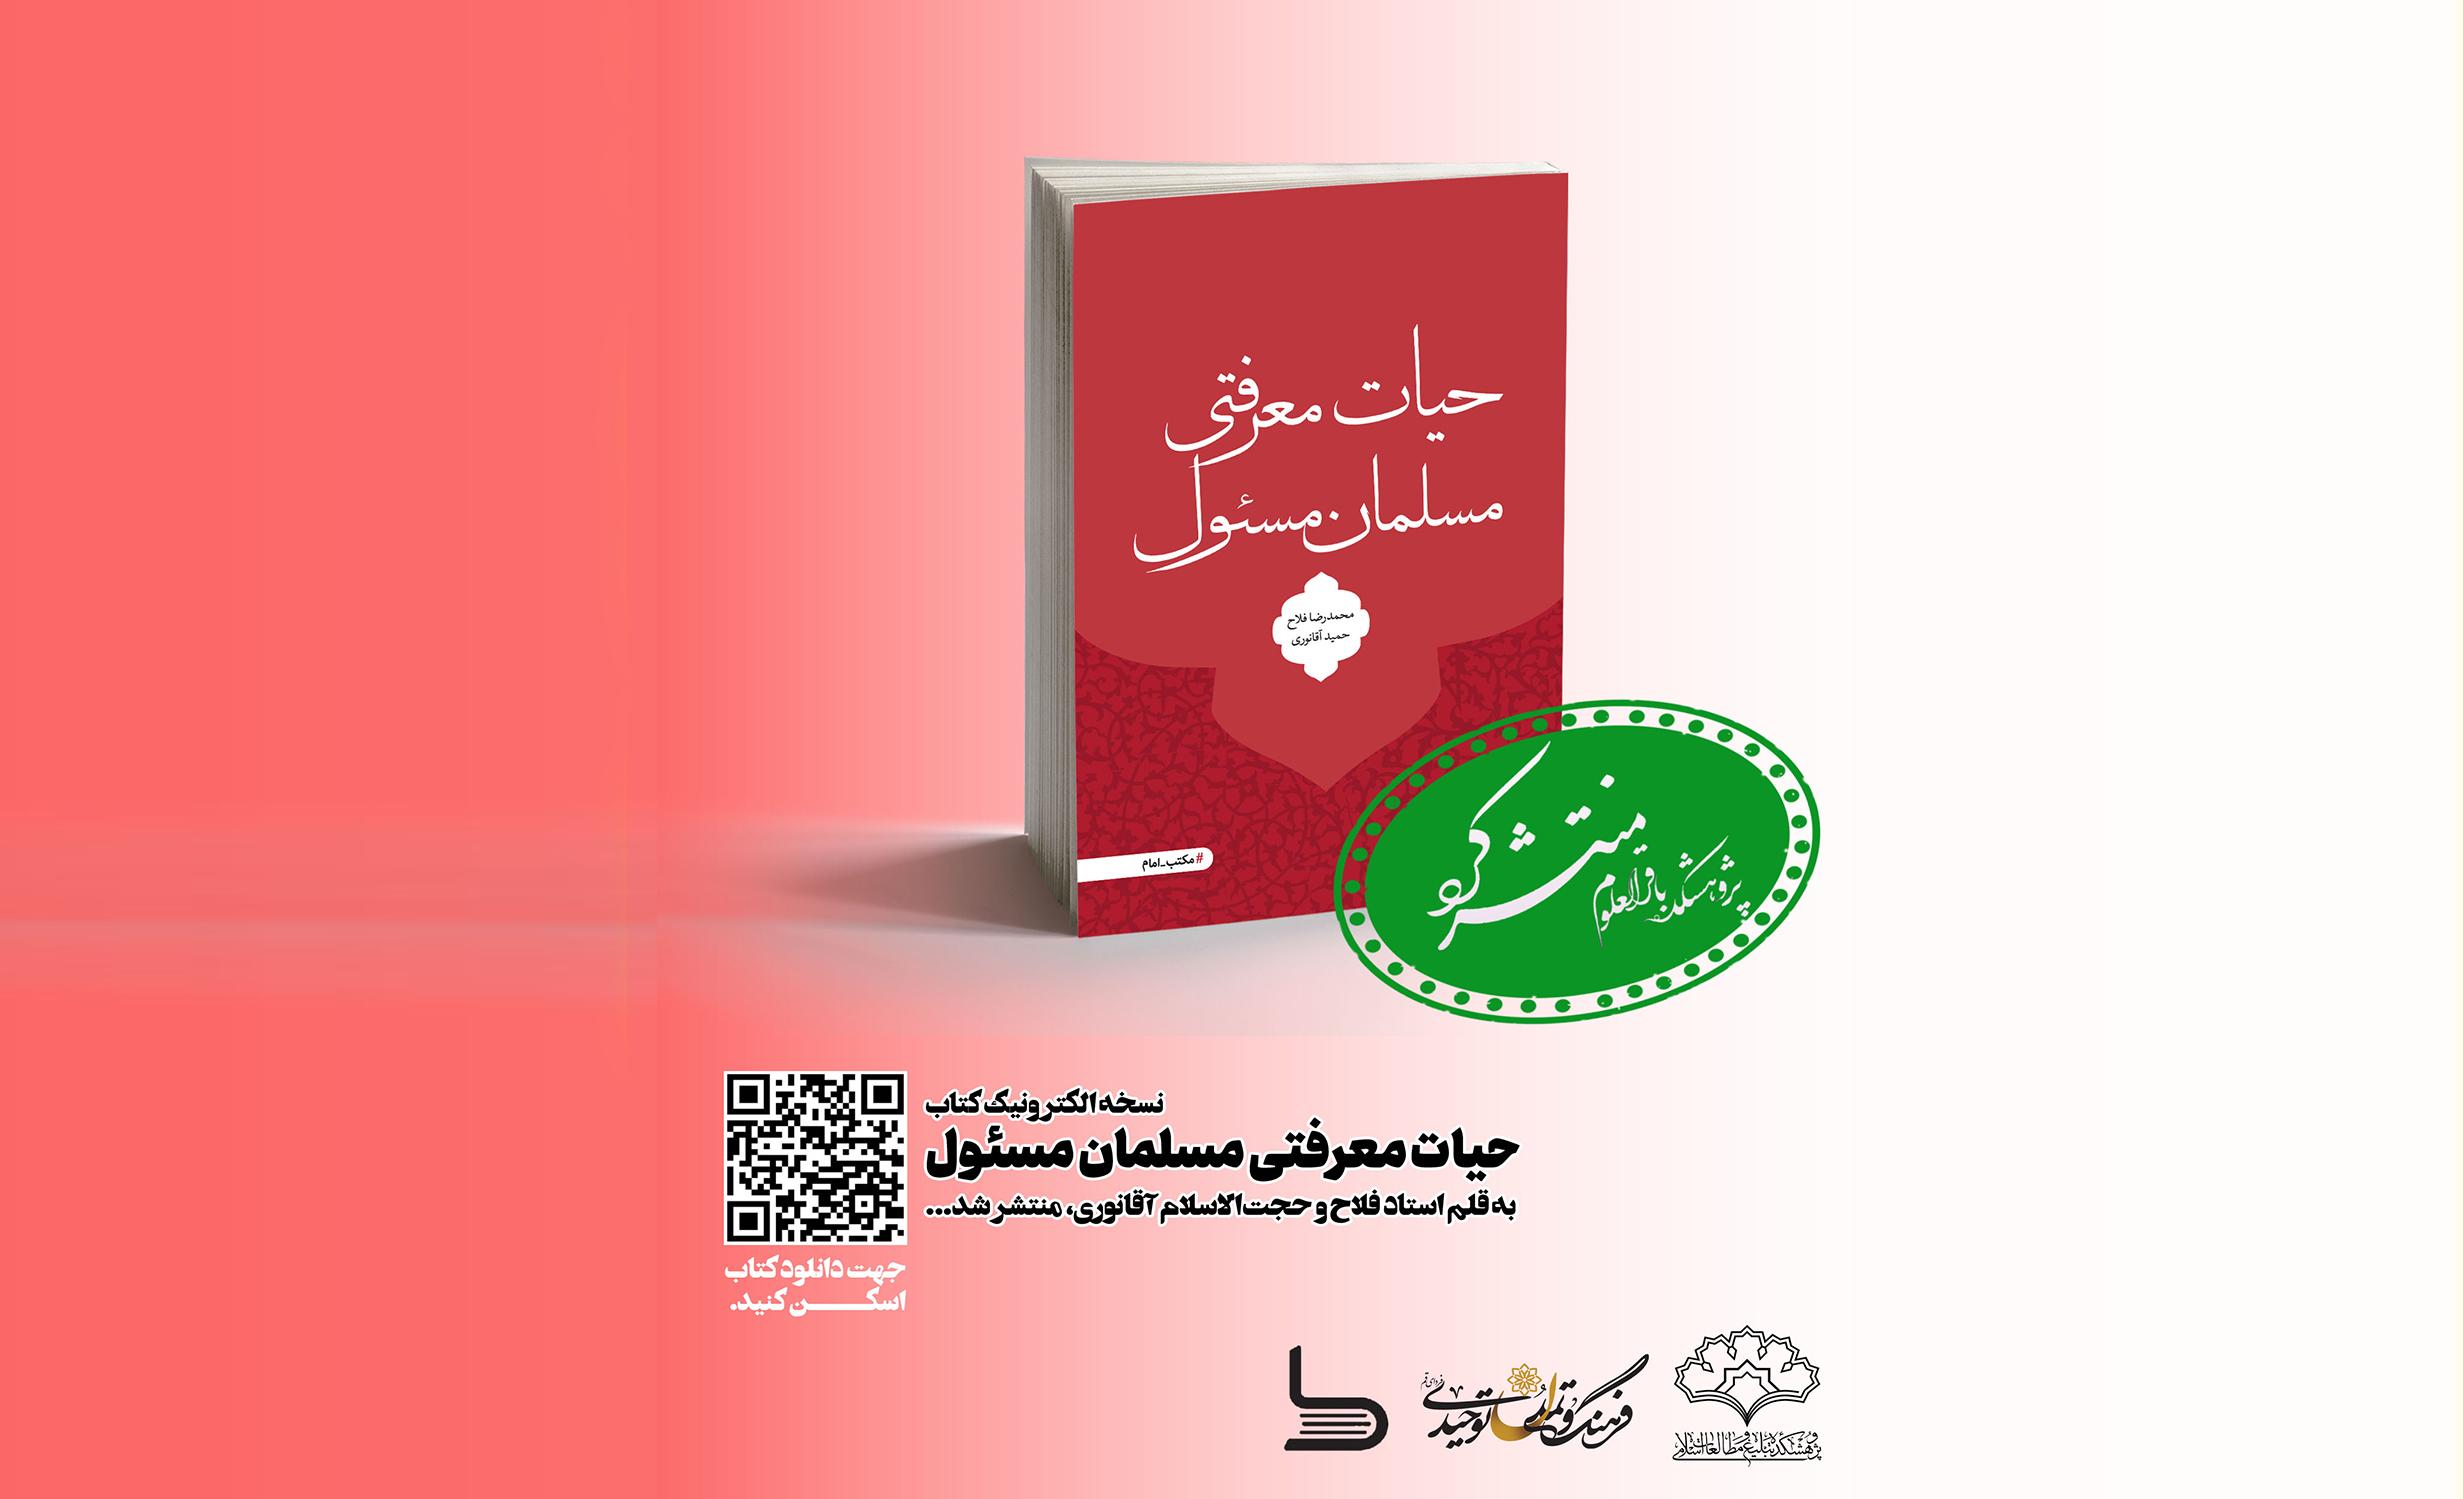 """نسخه الکترونیک کتاب """"حیات معرفتی مسلمان مسئول"""" در طاقچه منتشر شد."""